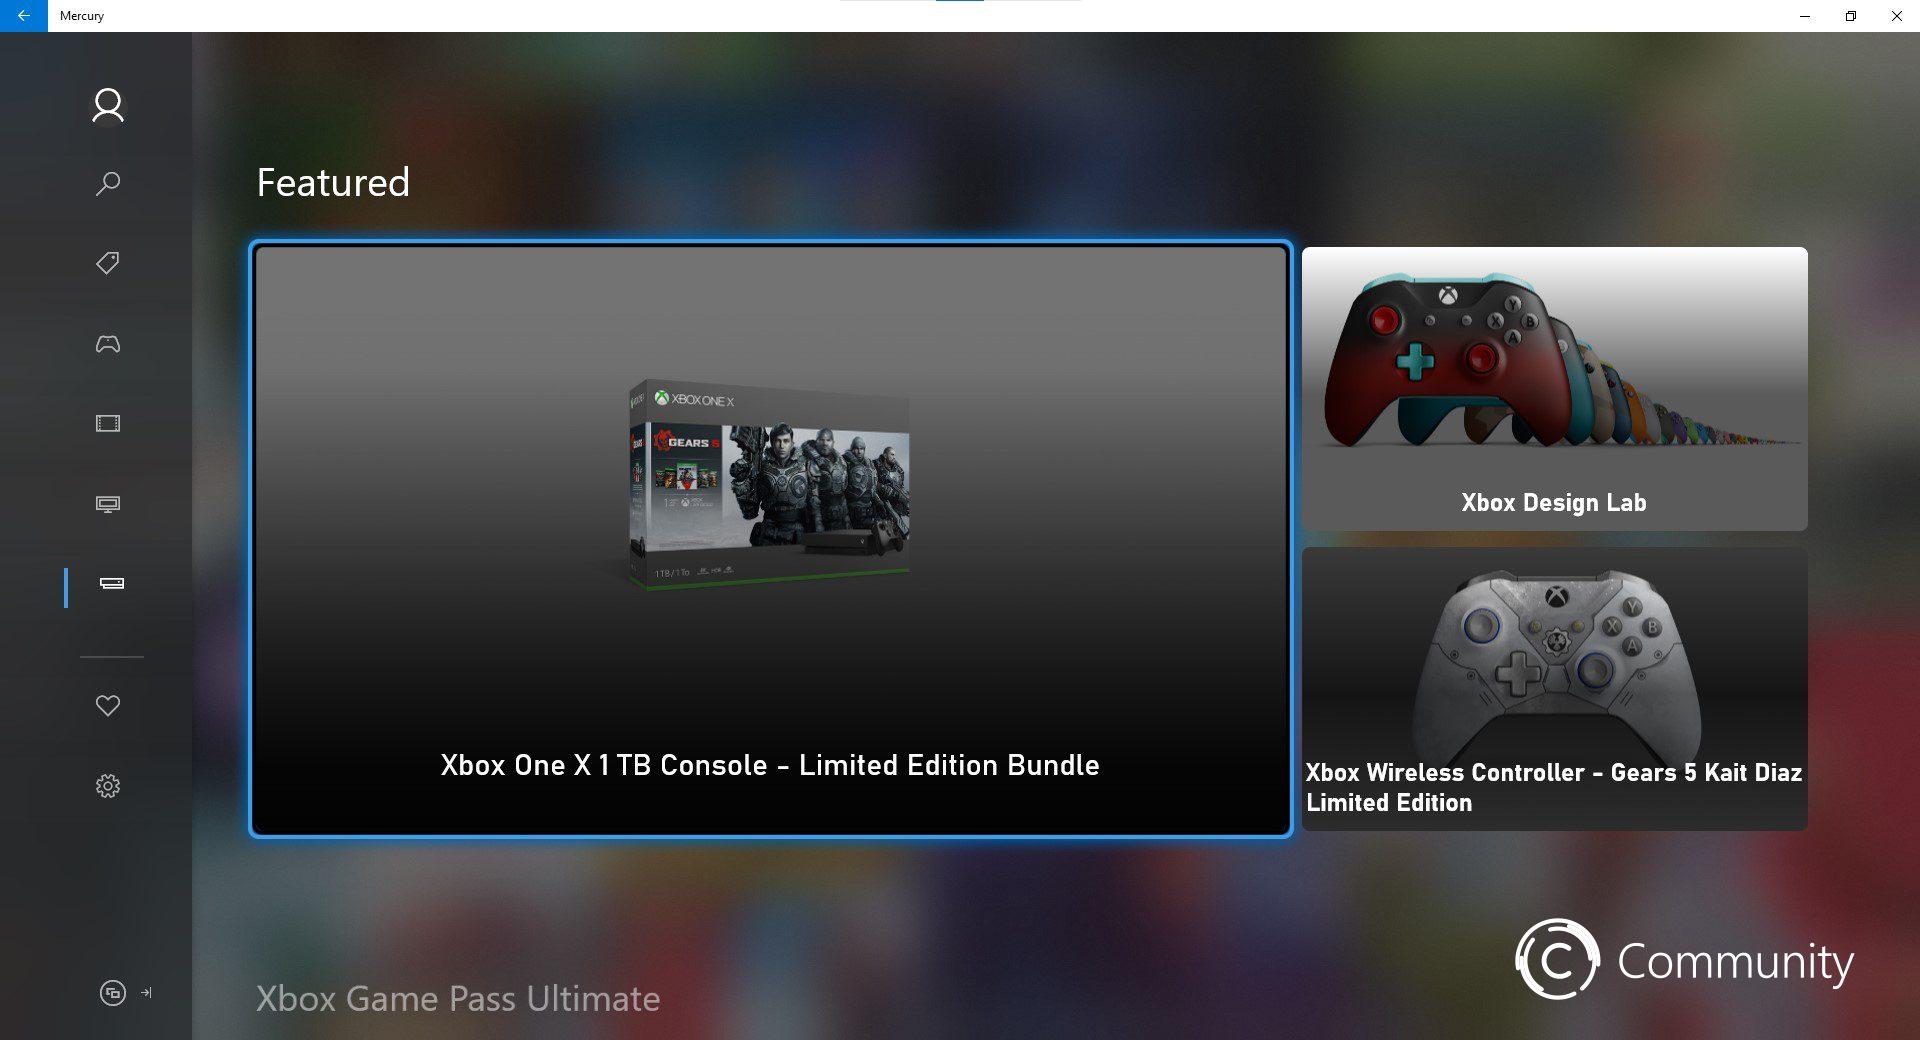 Mercury (nueva tienda de Xbox) página de Hardware